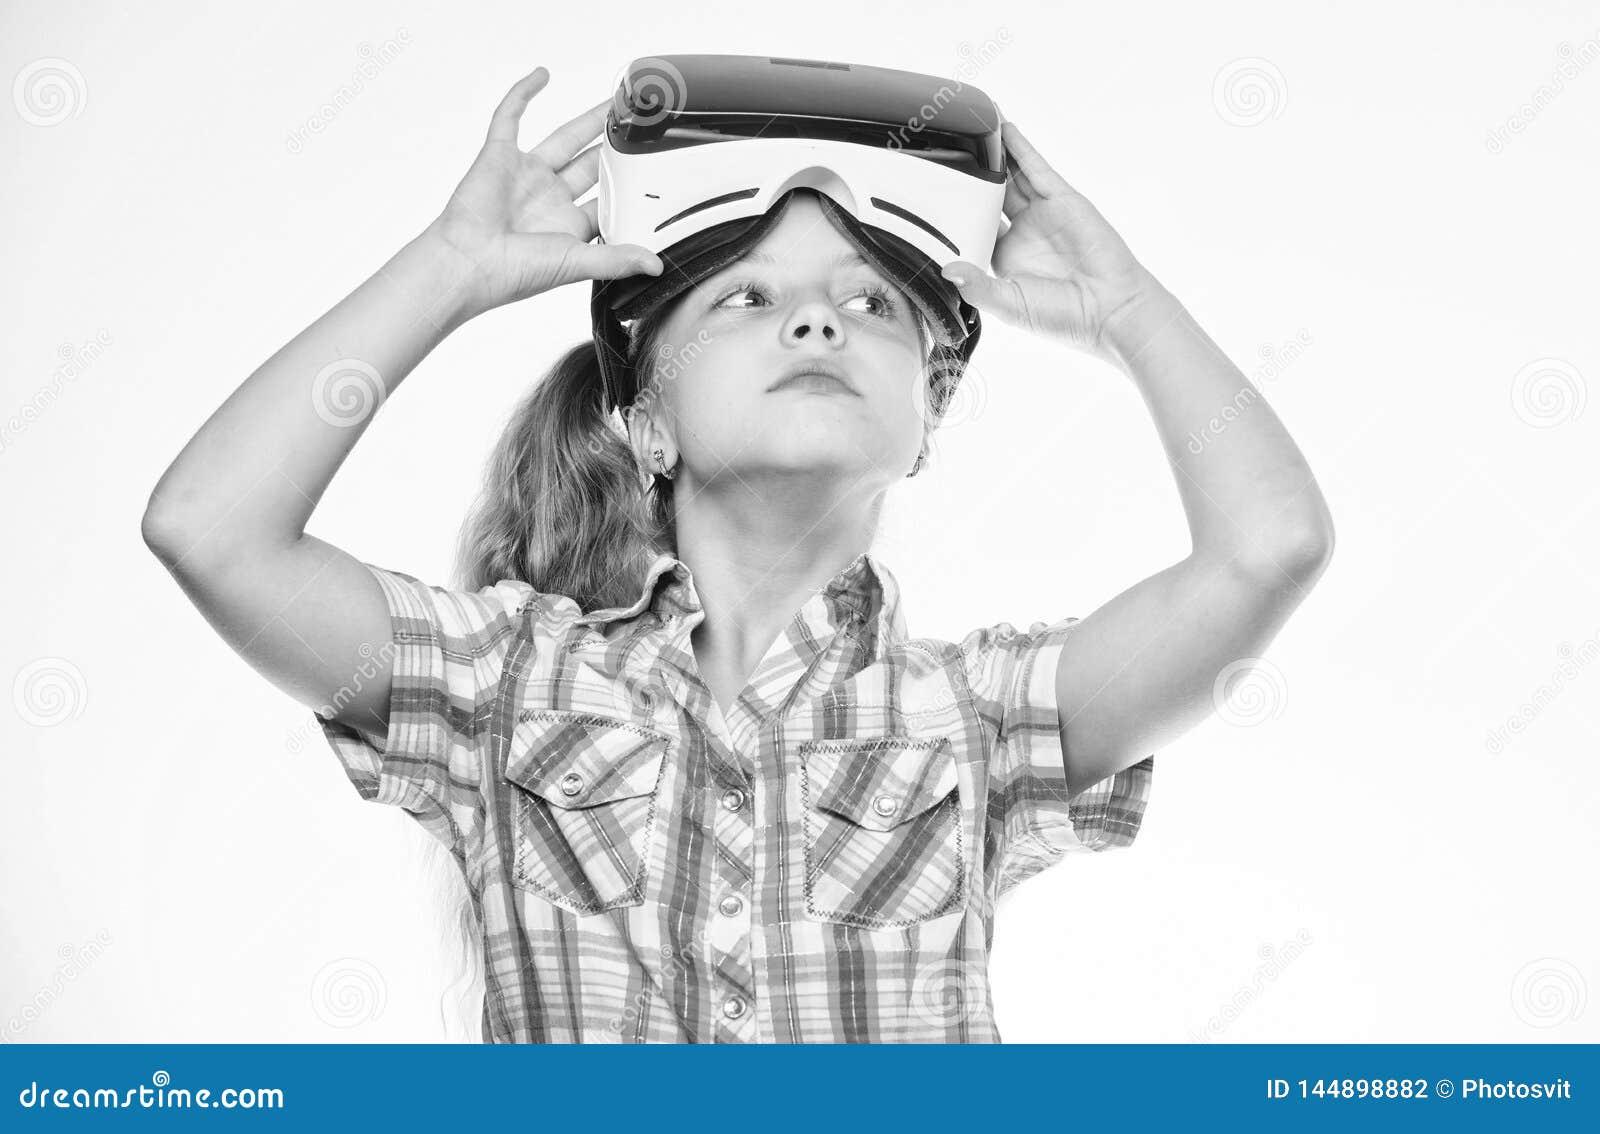 Juegos virtuales del juego de ni?os con el dispositivo moderno Explore la oportunidad virtual Los m?s nuevos juegos de la realida